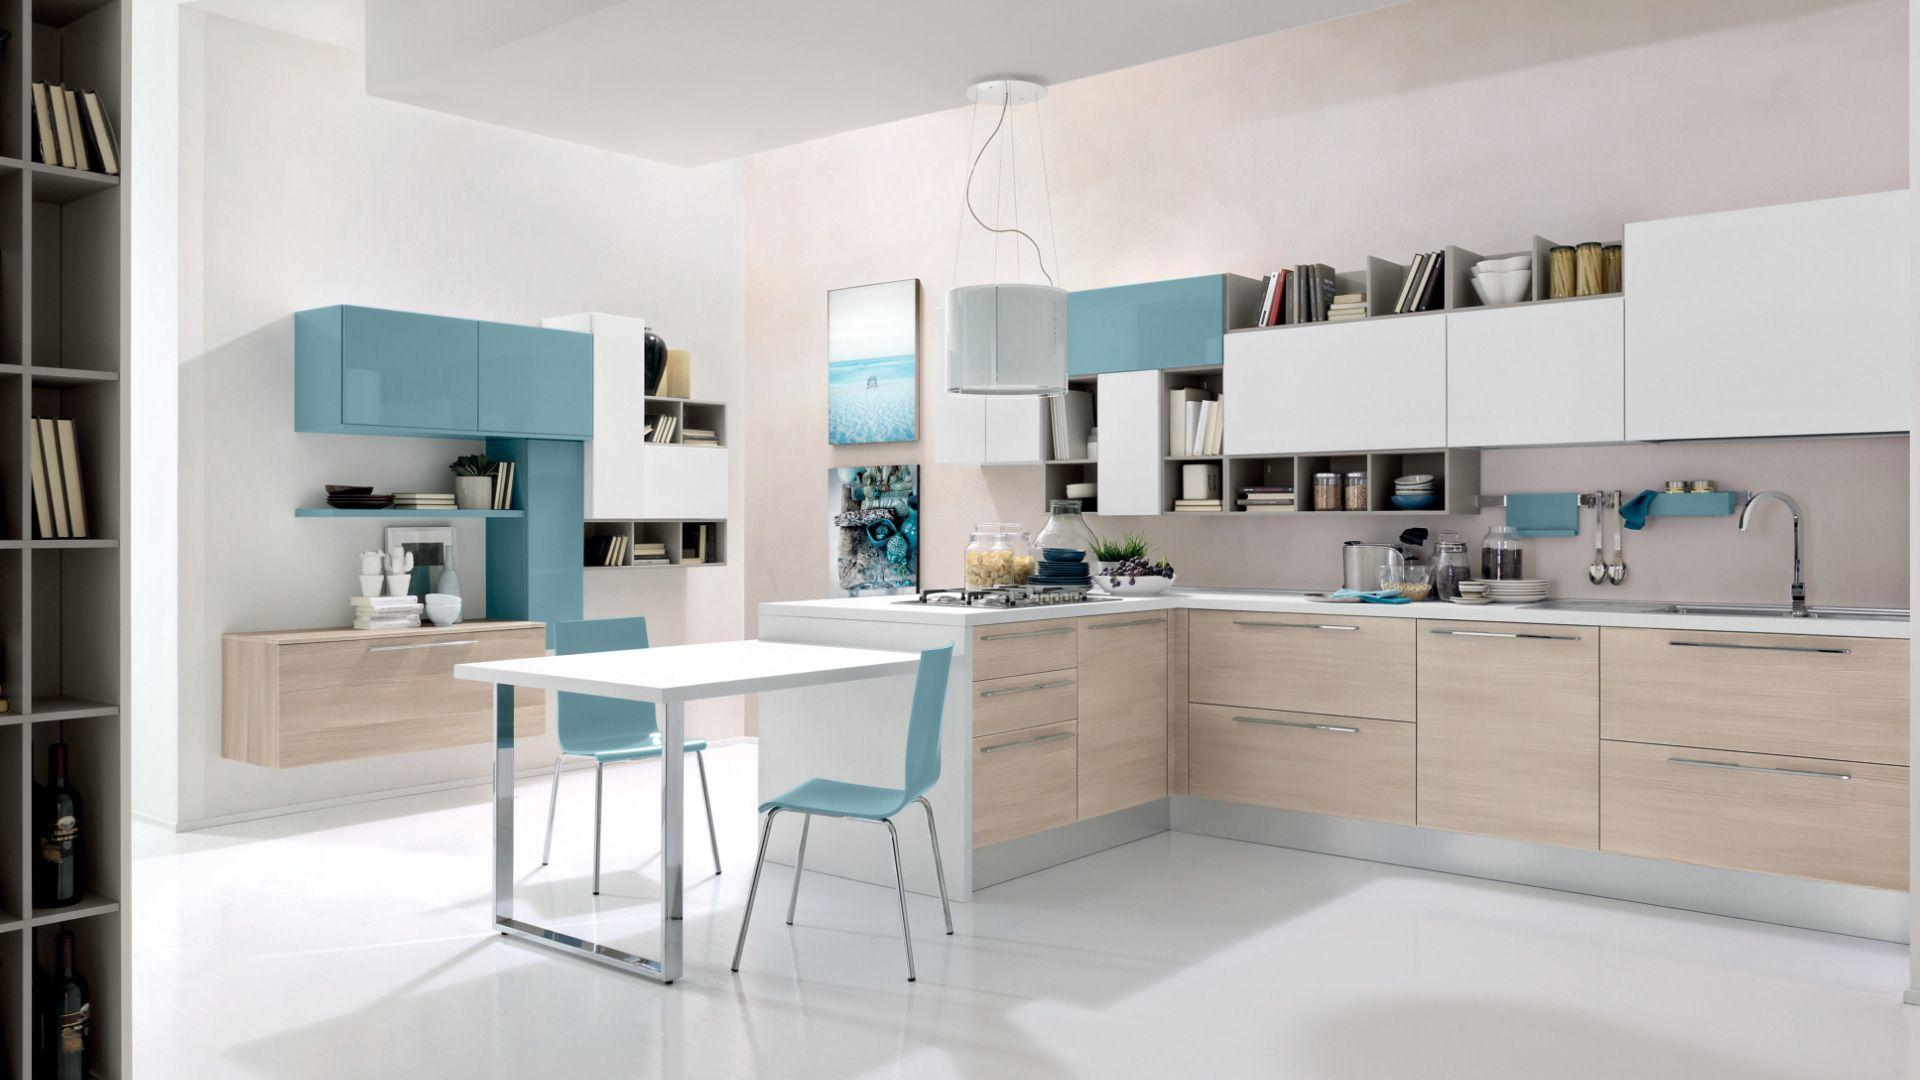 Grancasa Arredamento Cucine.Swing Grancasa Arredamento Cucine Moderne Cucine E